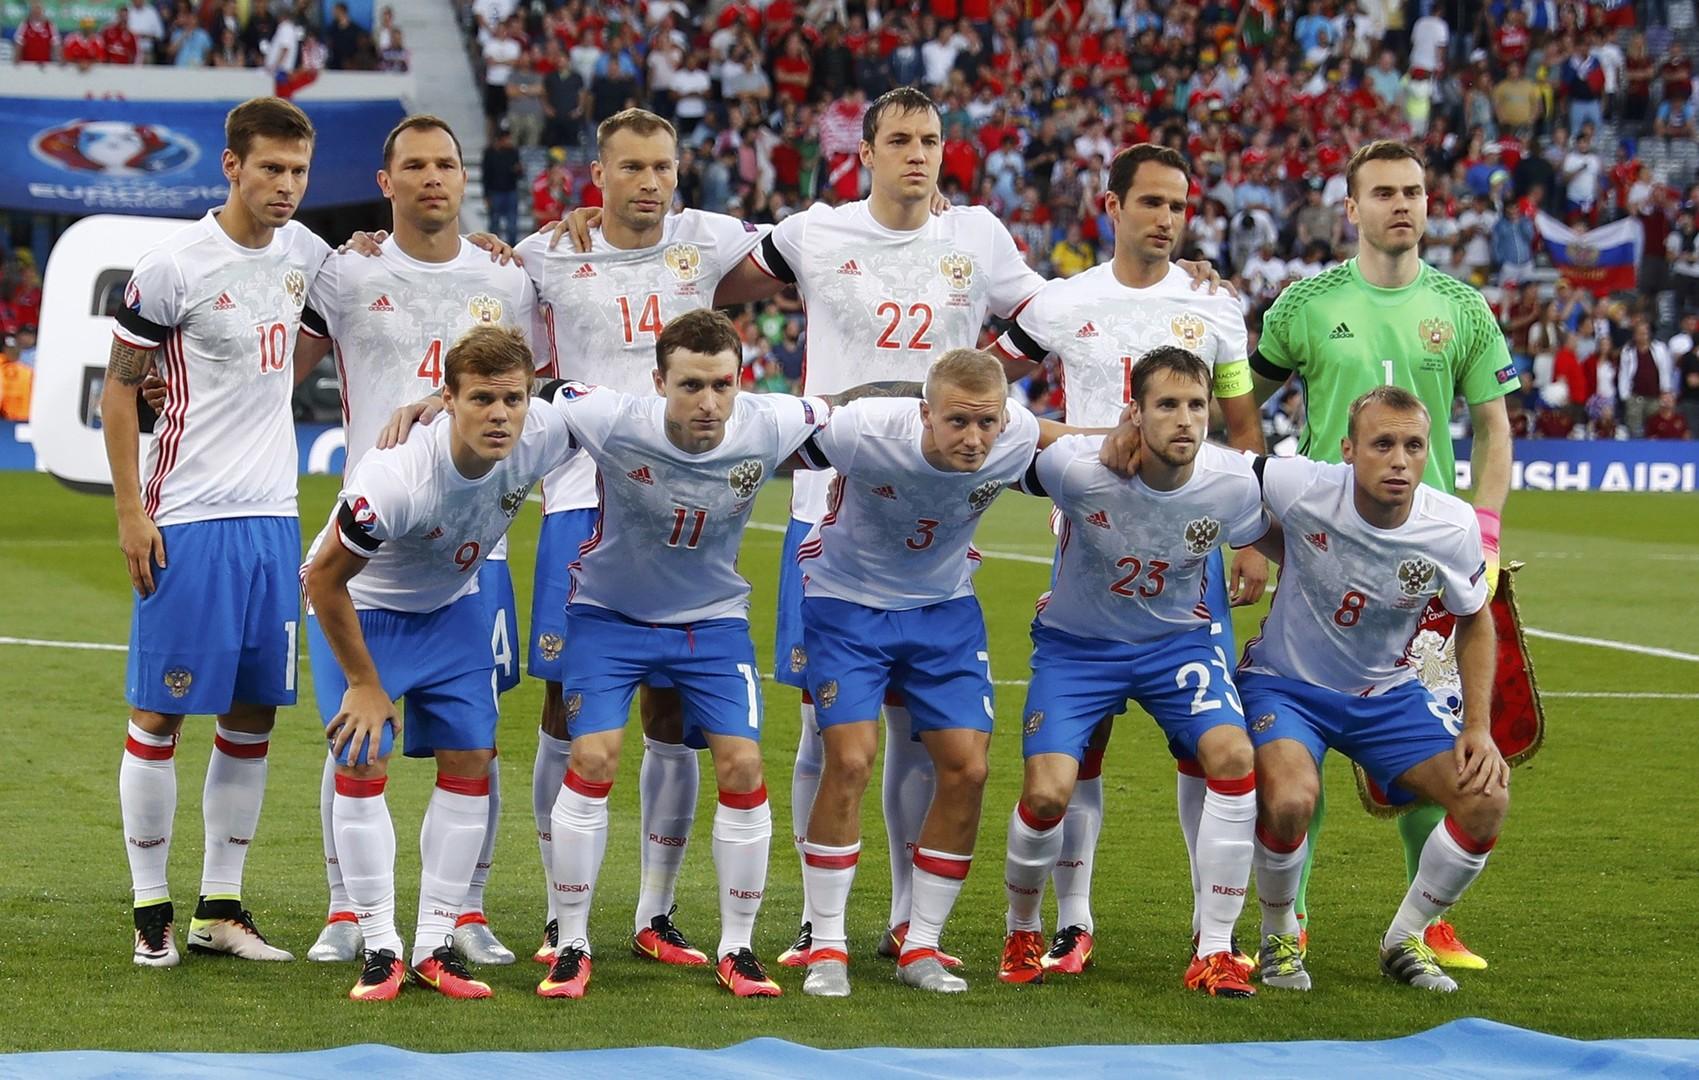 В Госдуме предложили выплачивать футболистам зарплату, исходя из их полезности